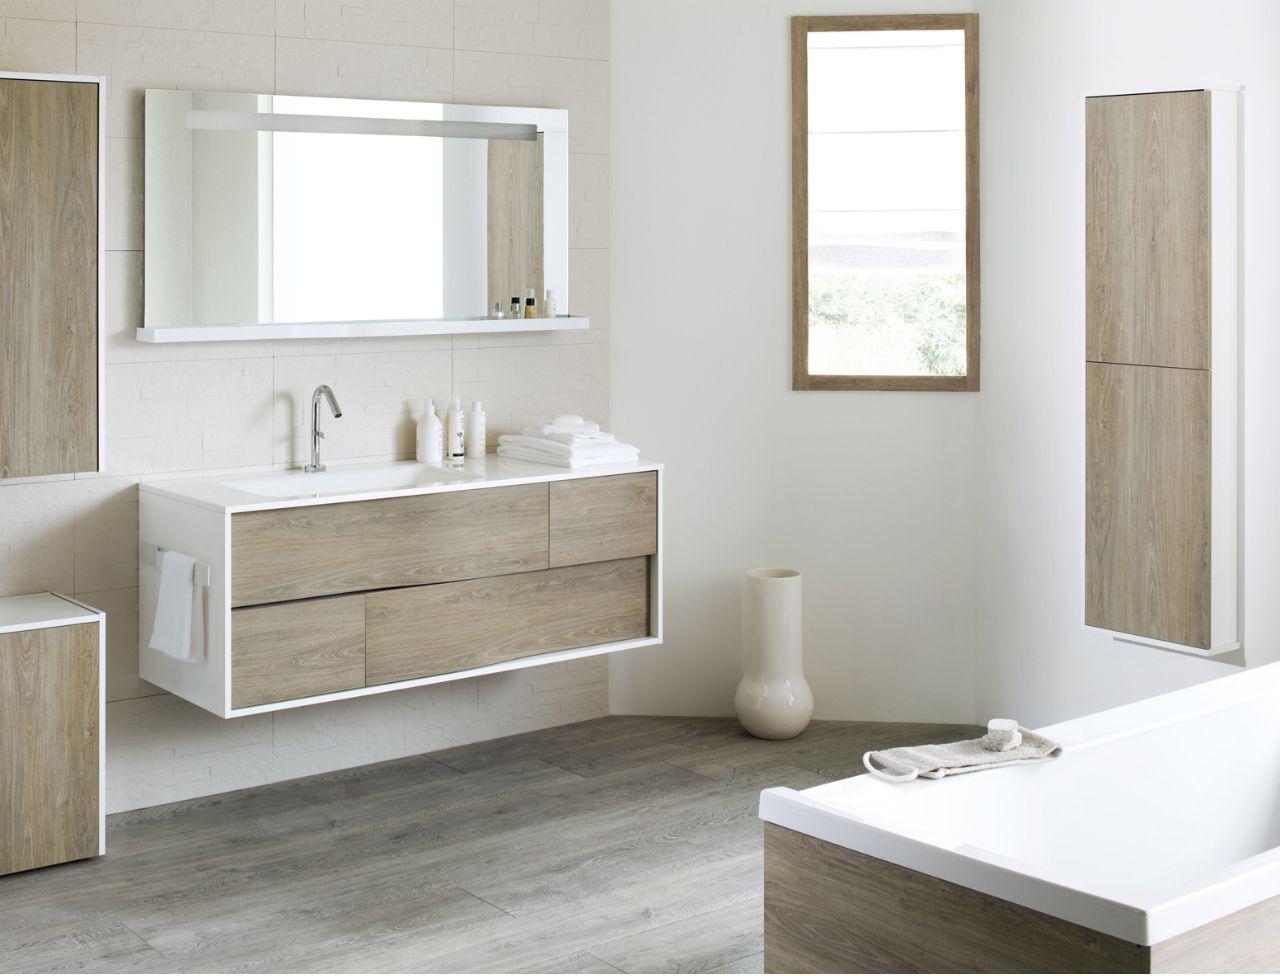 Salle de bains : les dernières tendances | Pinterest | Ambiance zen ...